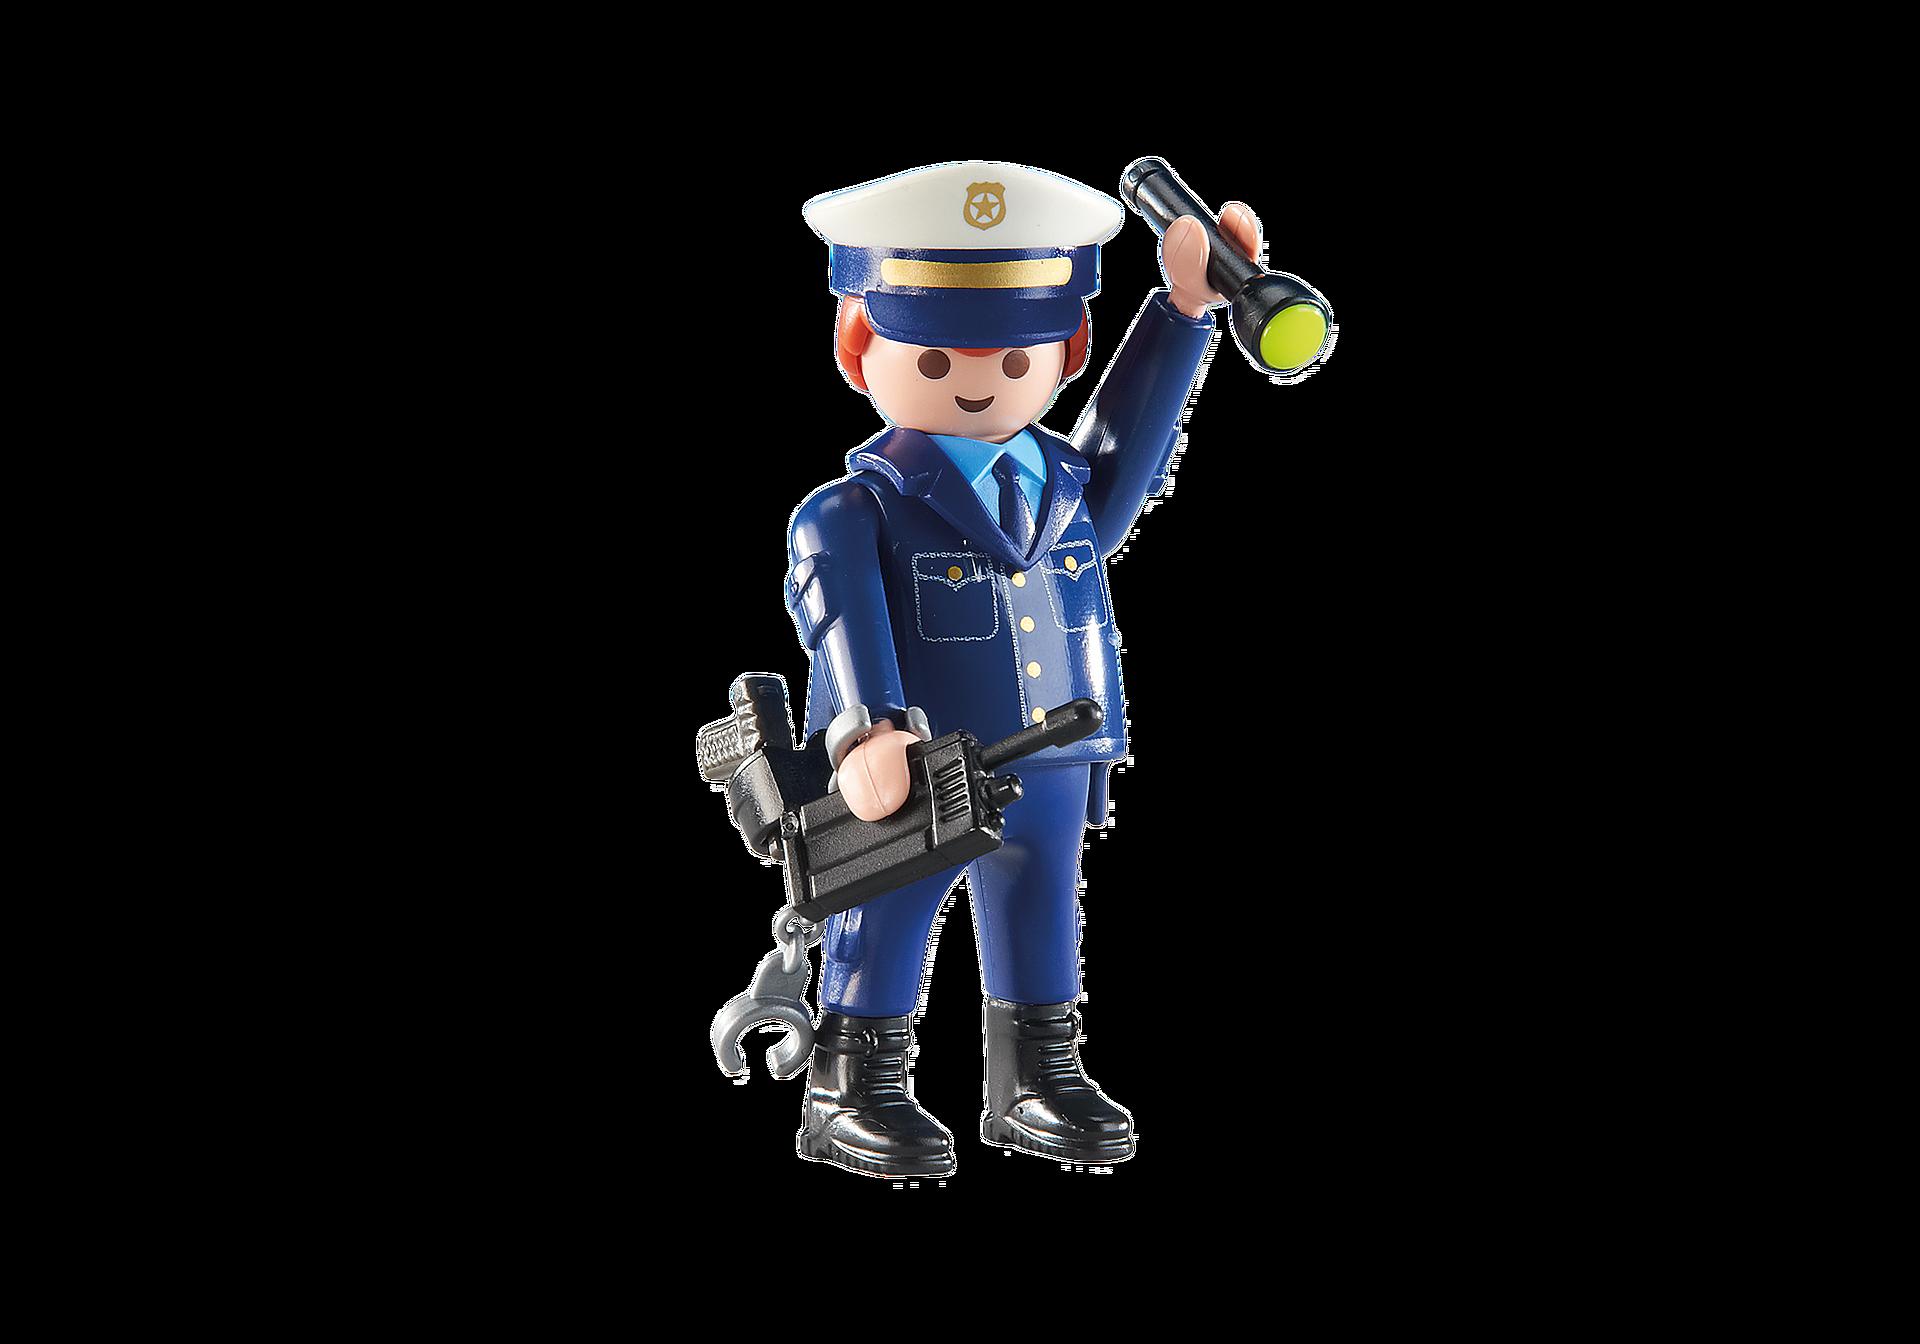 6502 Αρχηγός αστυνομίας zoom image1